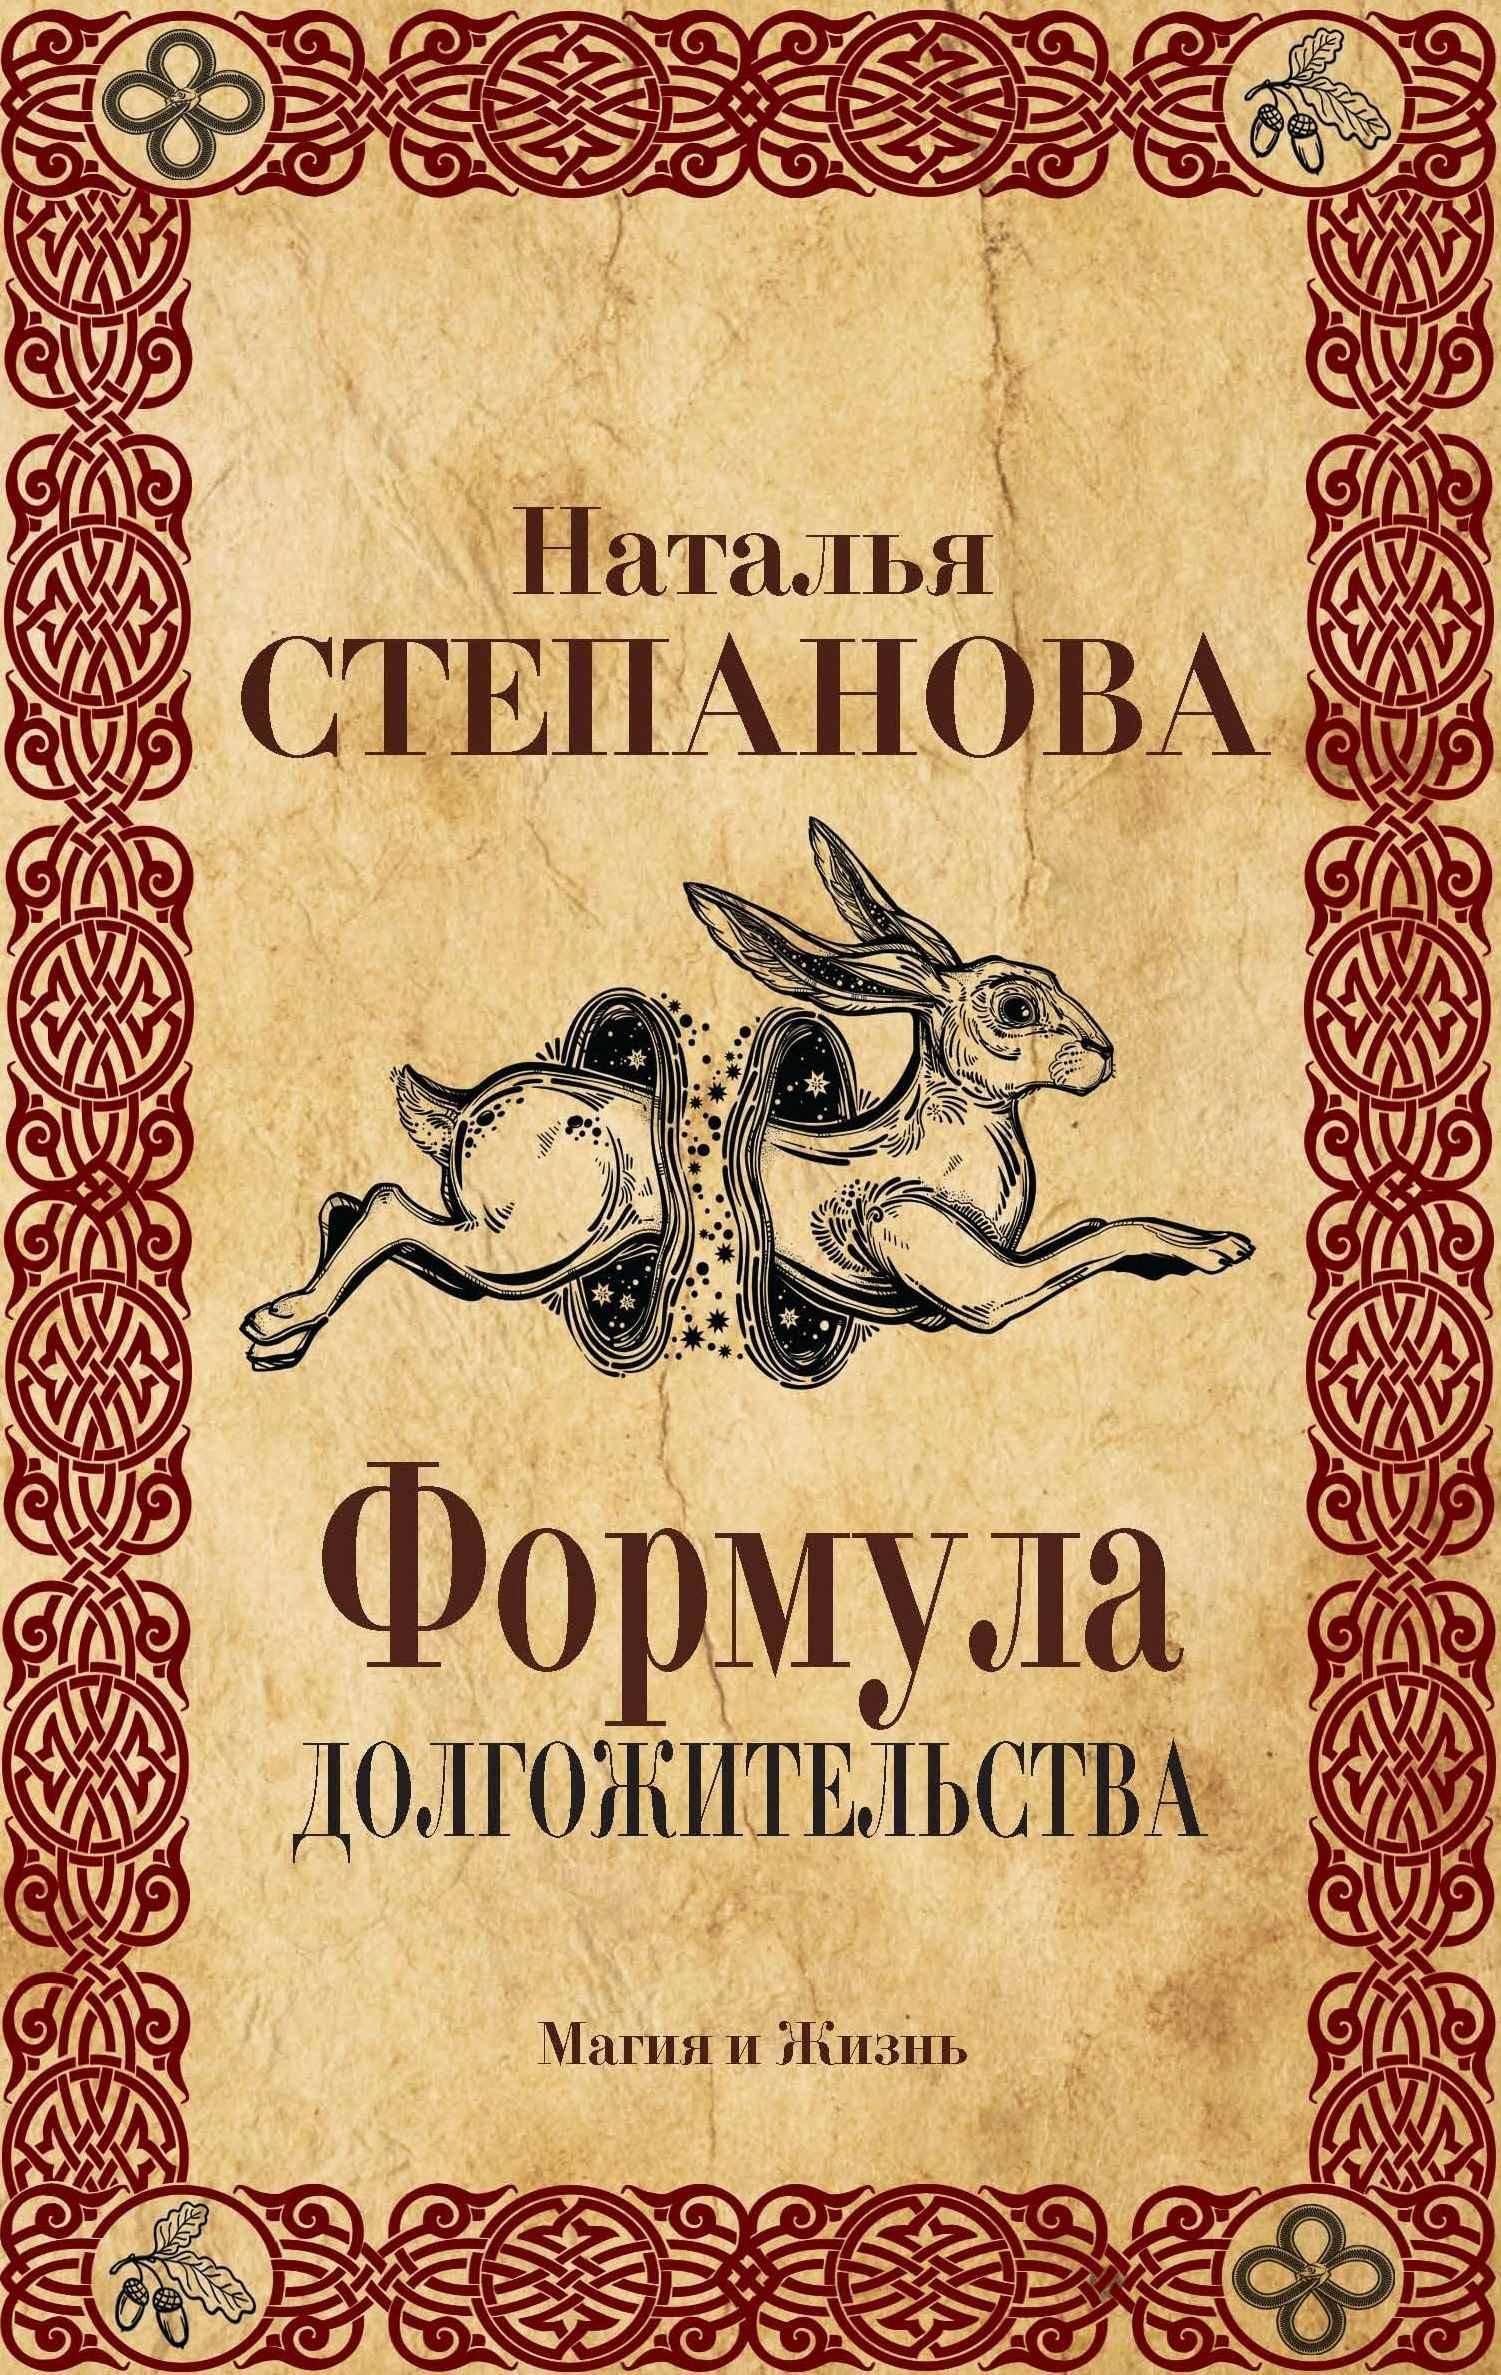 Формула долгожительства. Н. И. Степанова